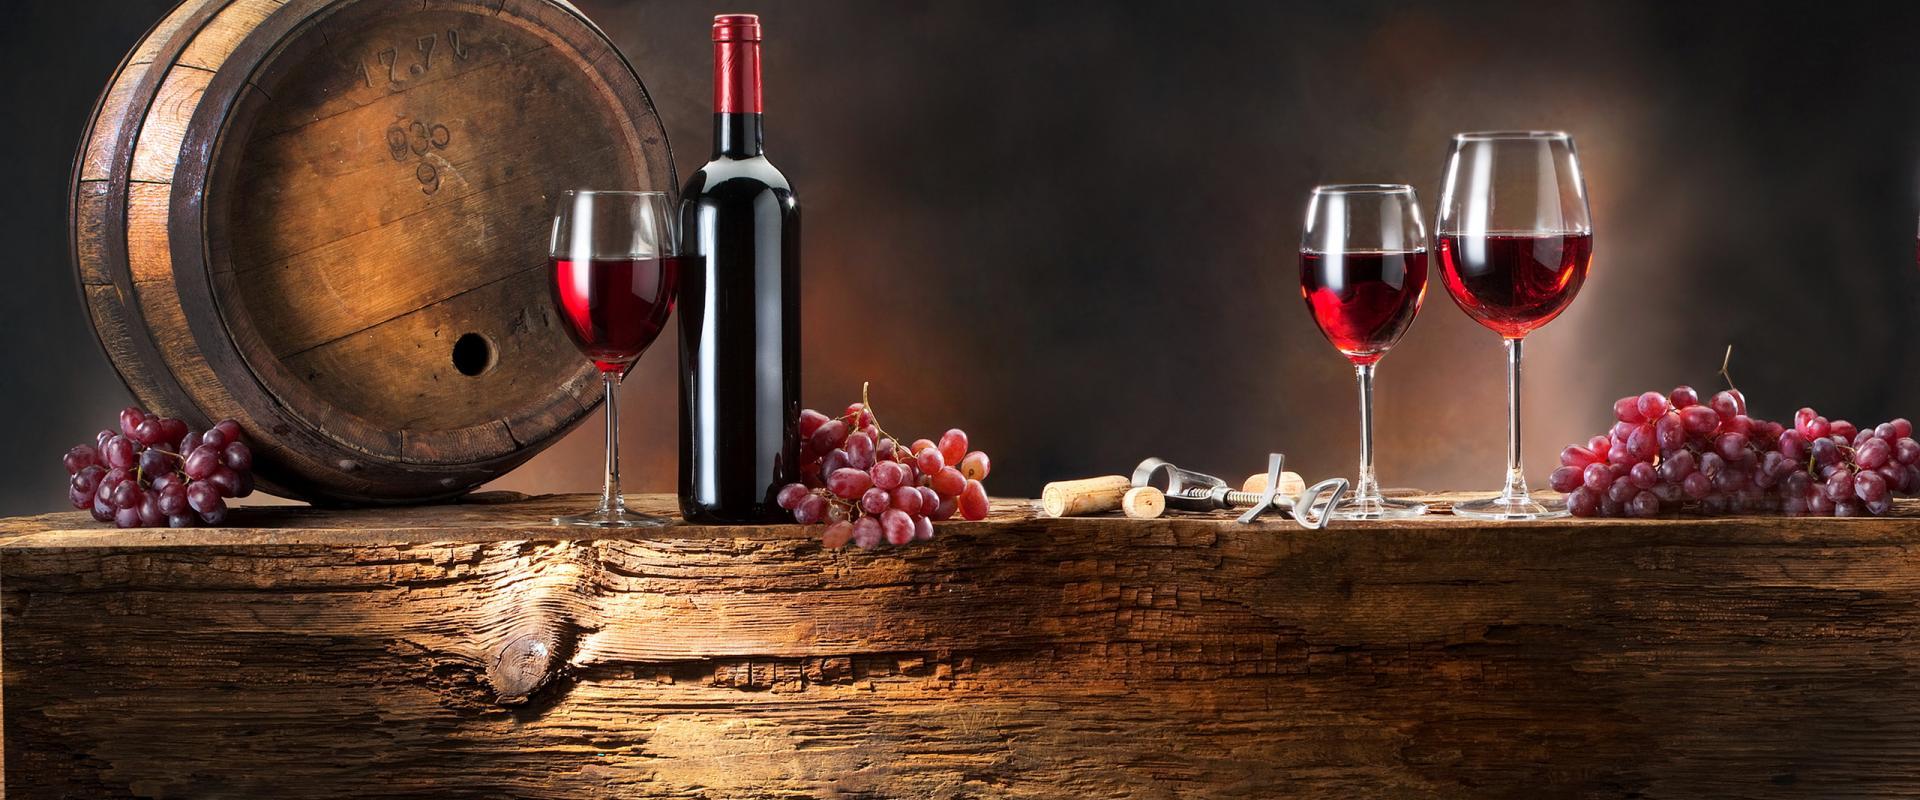 Tasting of wines